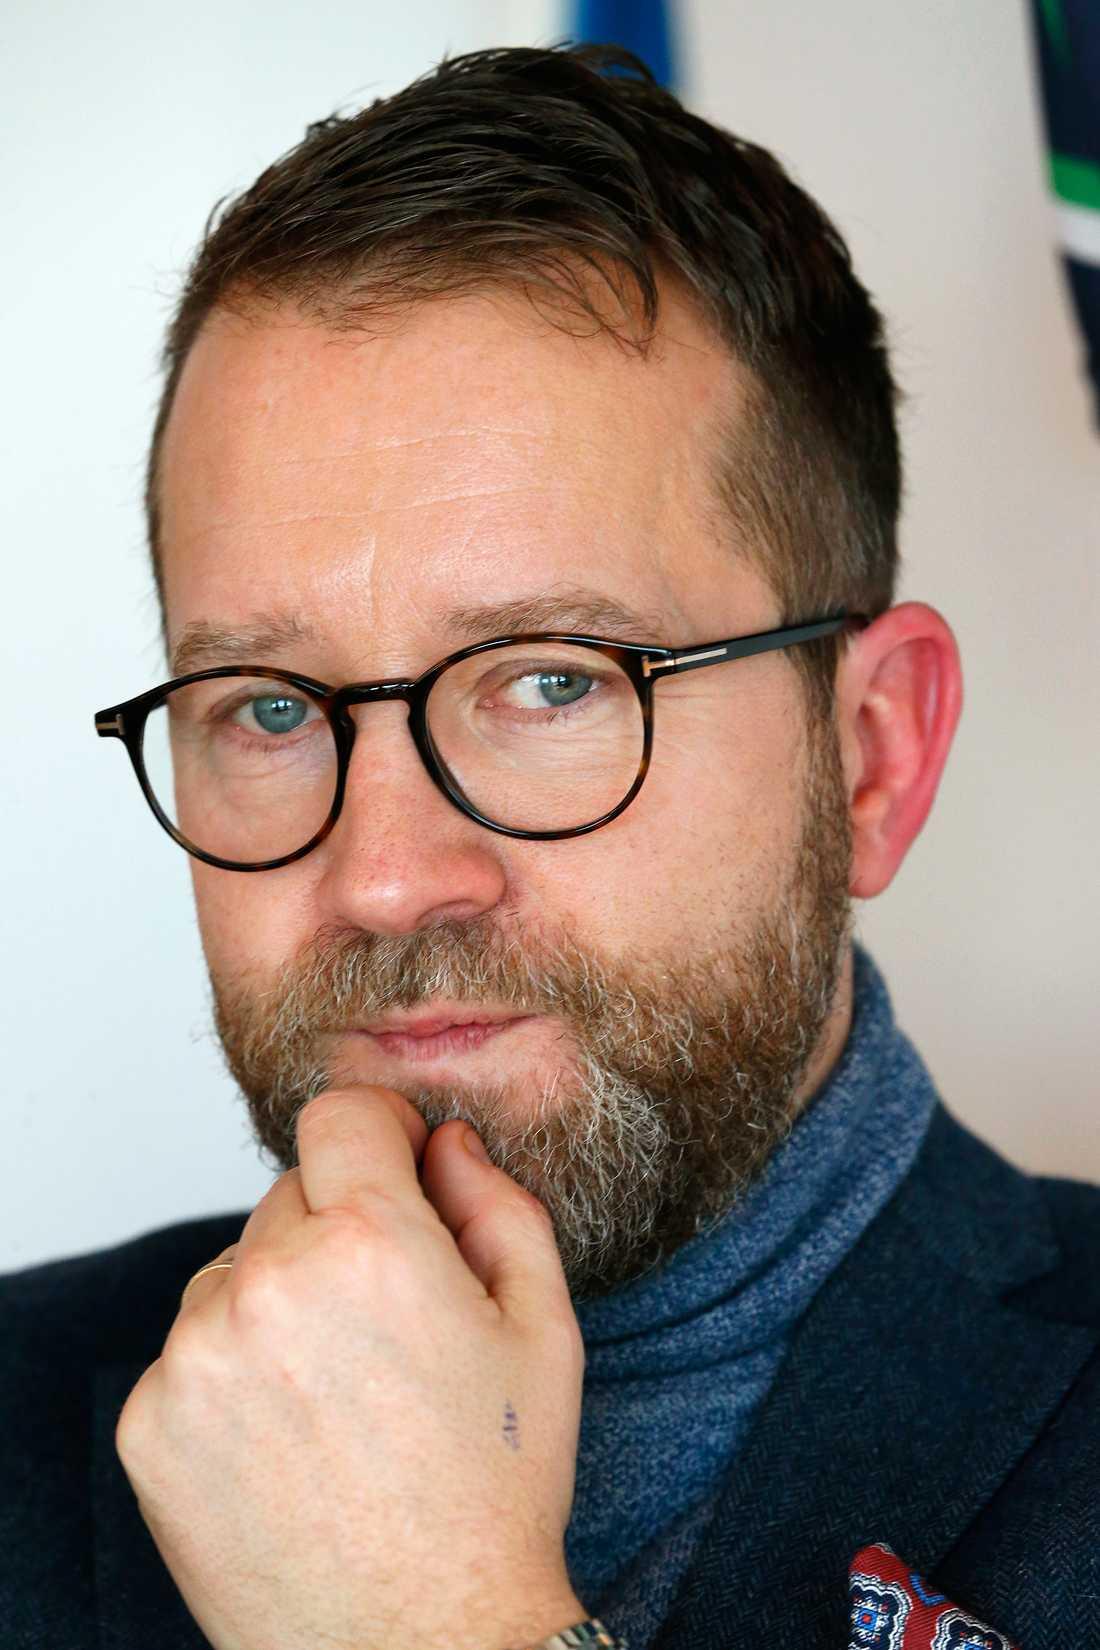 Endast fyra Elitloppsbiljetter kvar att dela ut för Solvallas sportchef Anders Malmrot